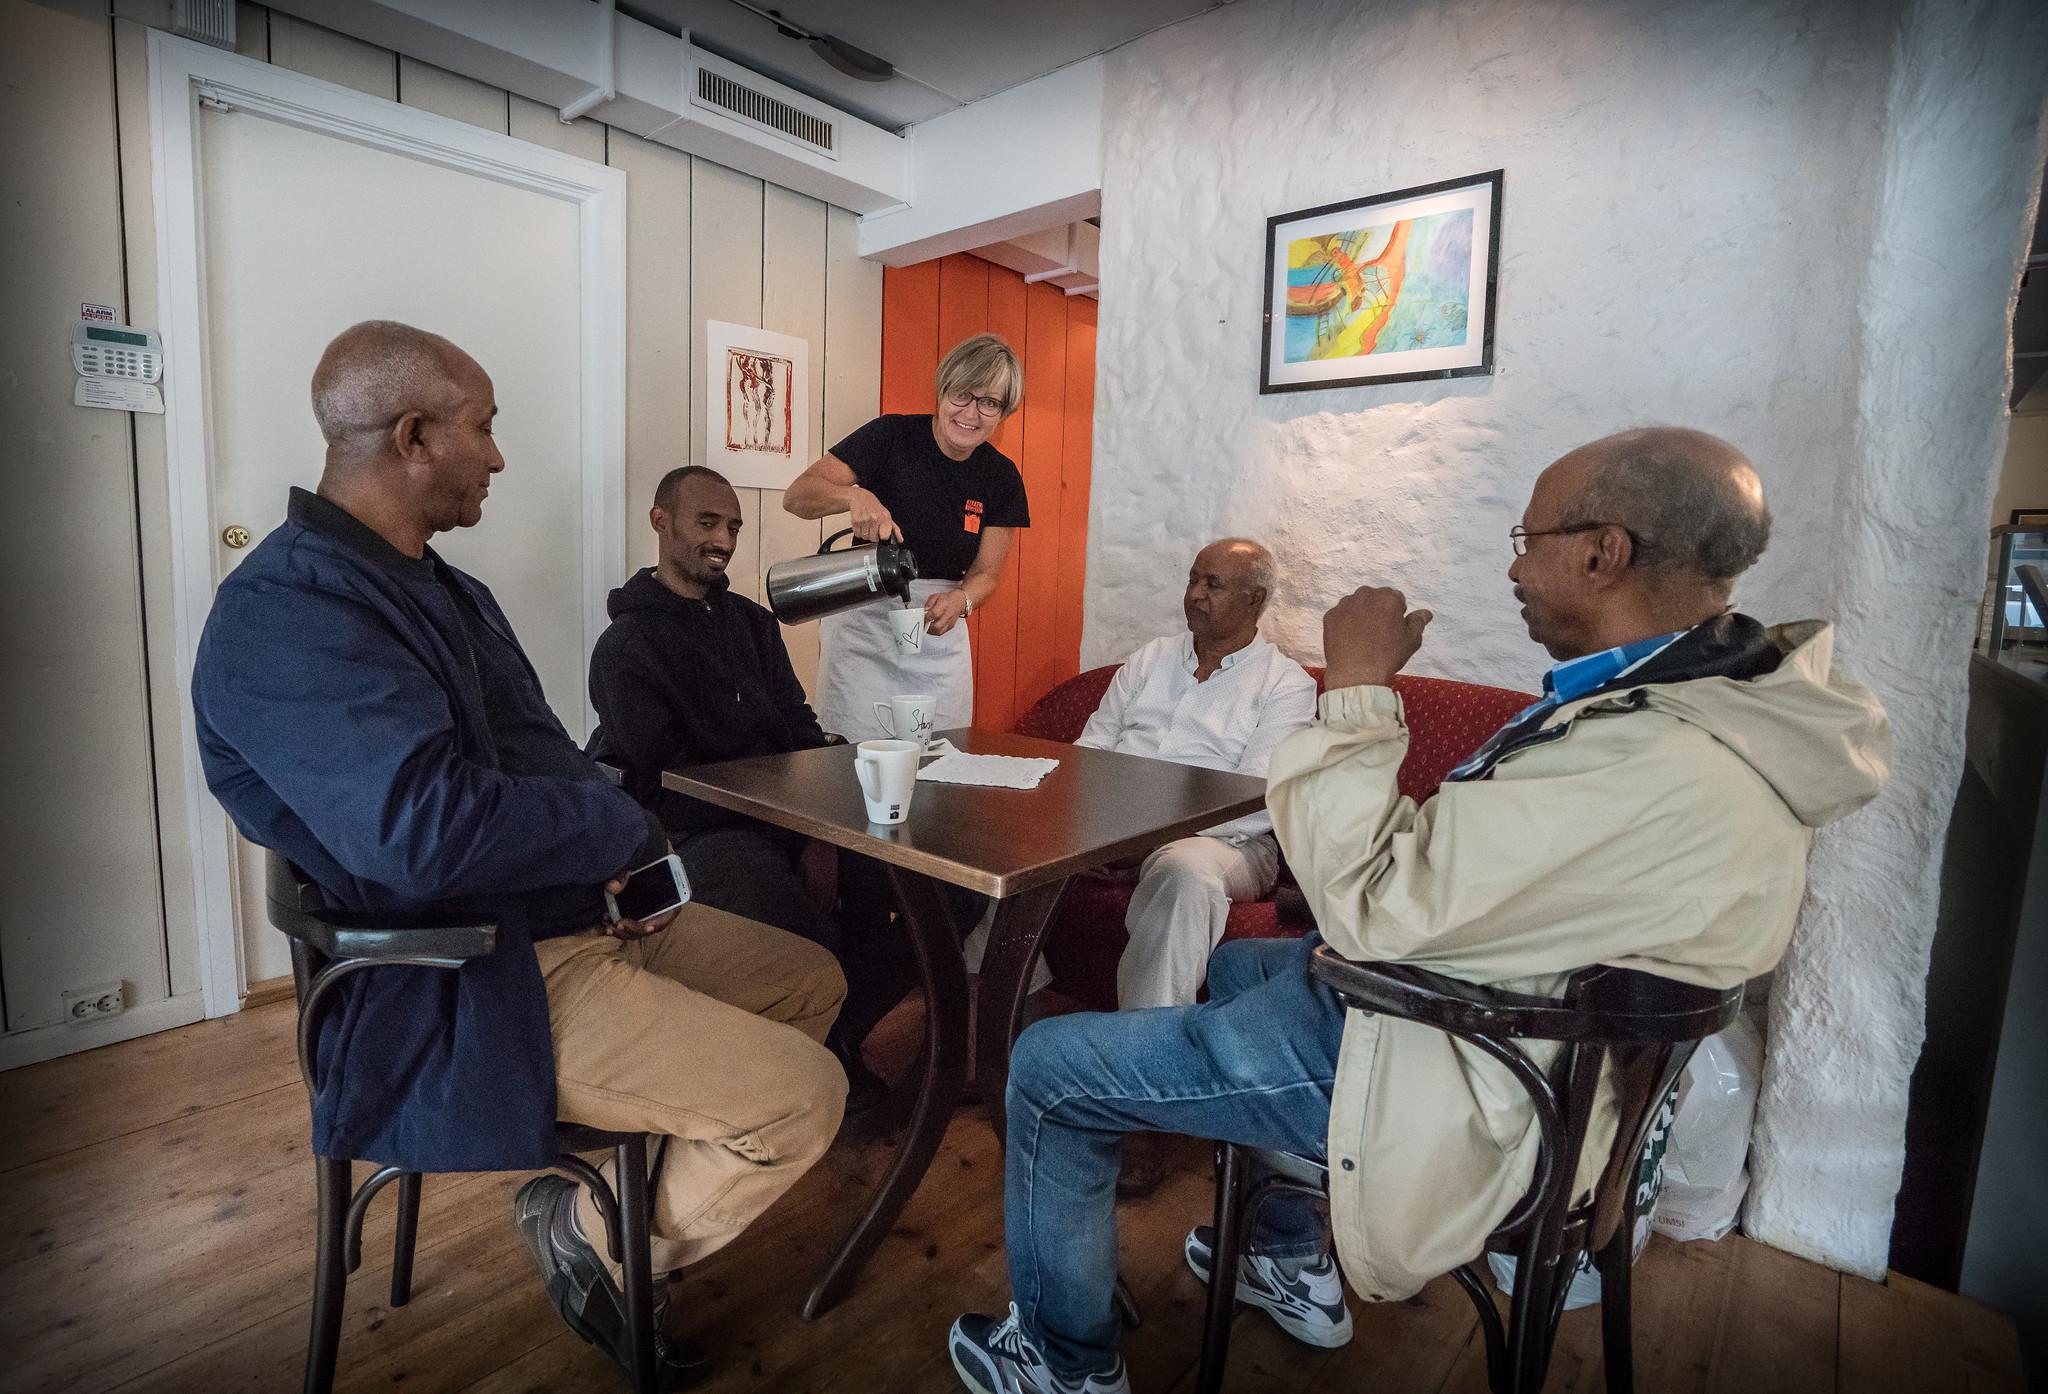 Bildet viser fire menn som sitter rundt et bord. En dame står bak bordet i midten av bildet og smiler mens hun skjenker kaffe i kaffekopper. At de står her er en av flere resultater av pengene Kirkens Bymisjon samlet inn under tv-aksjonen 2004.